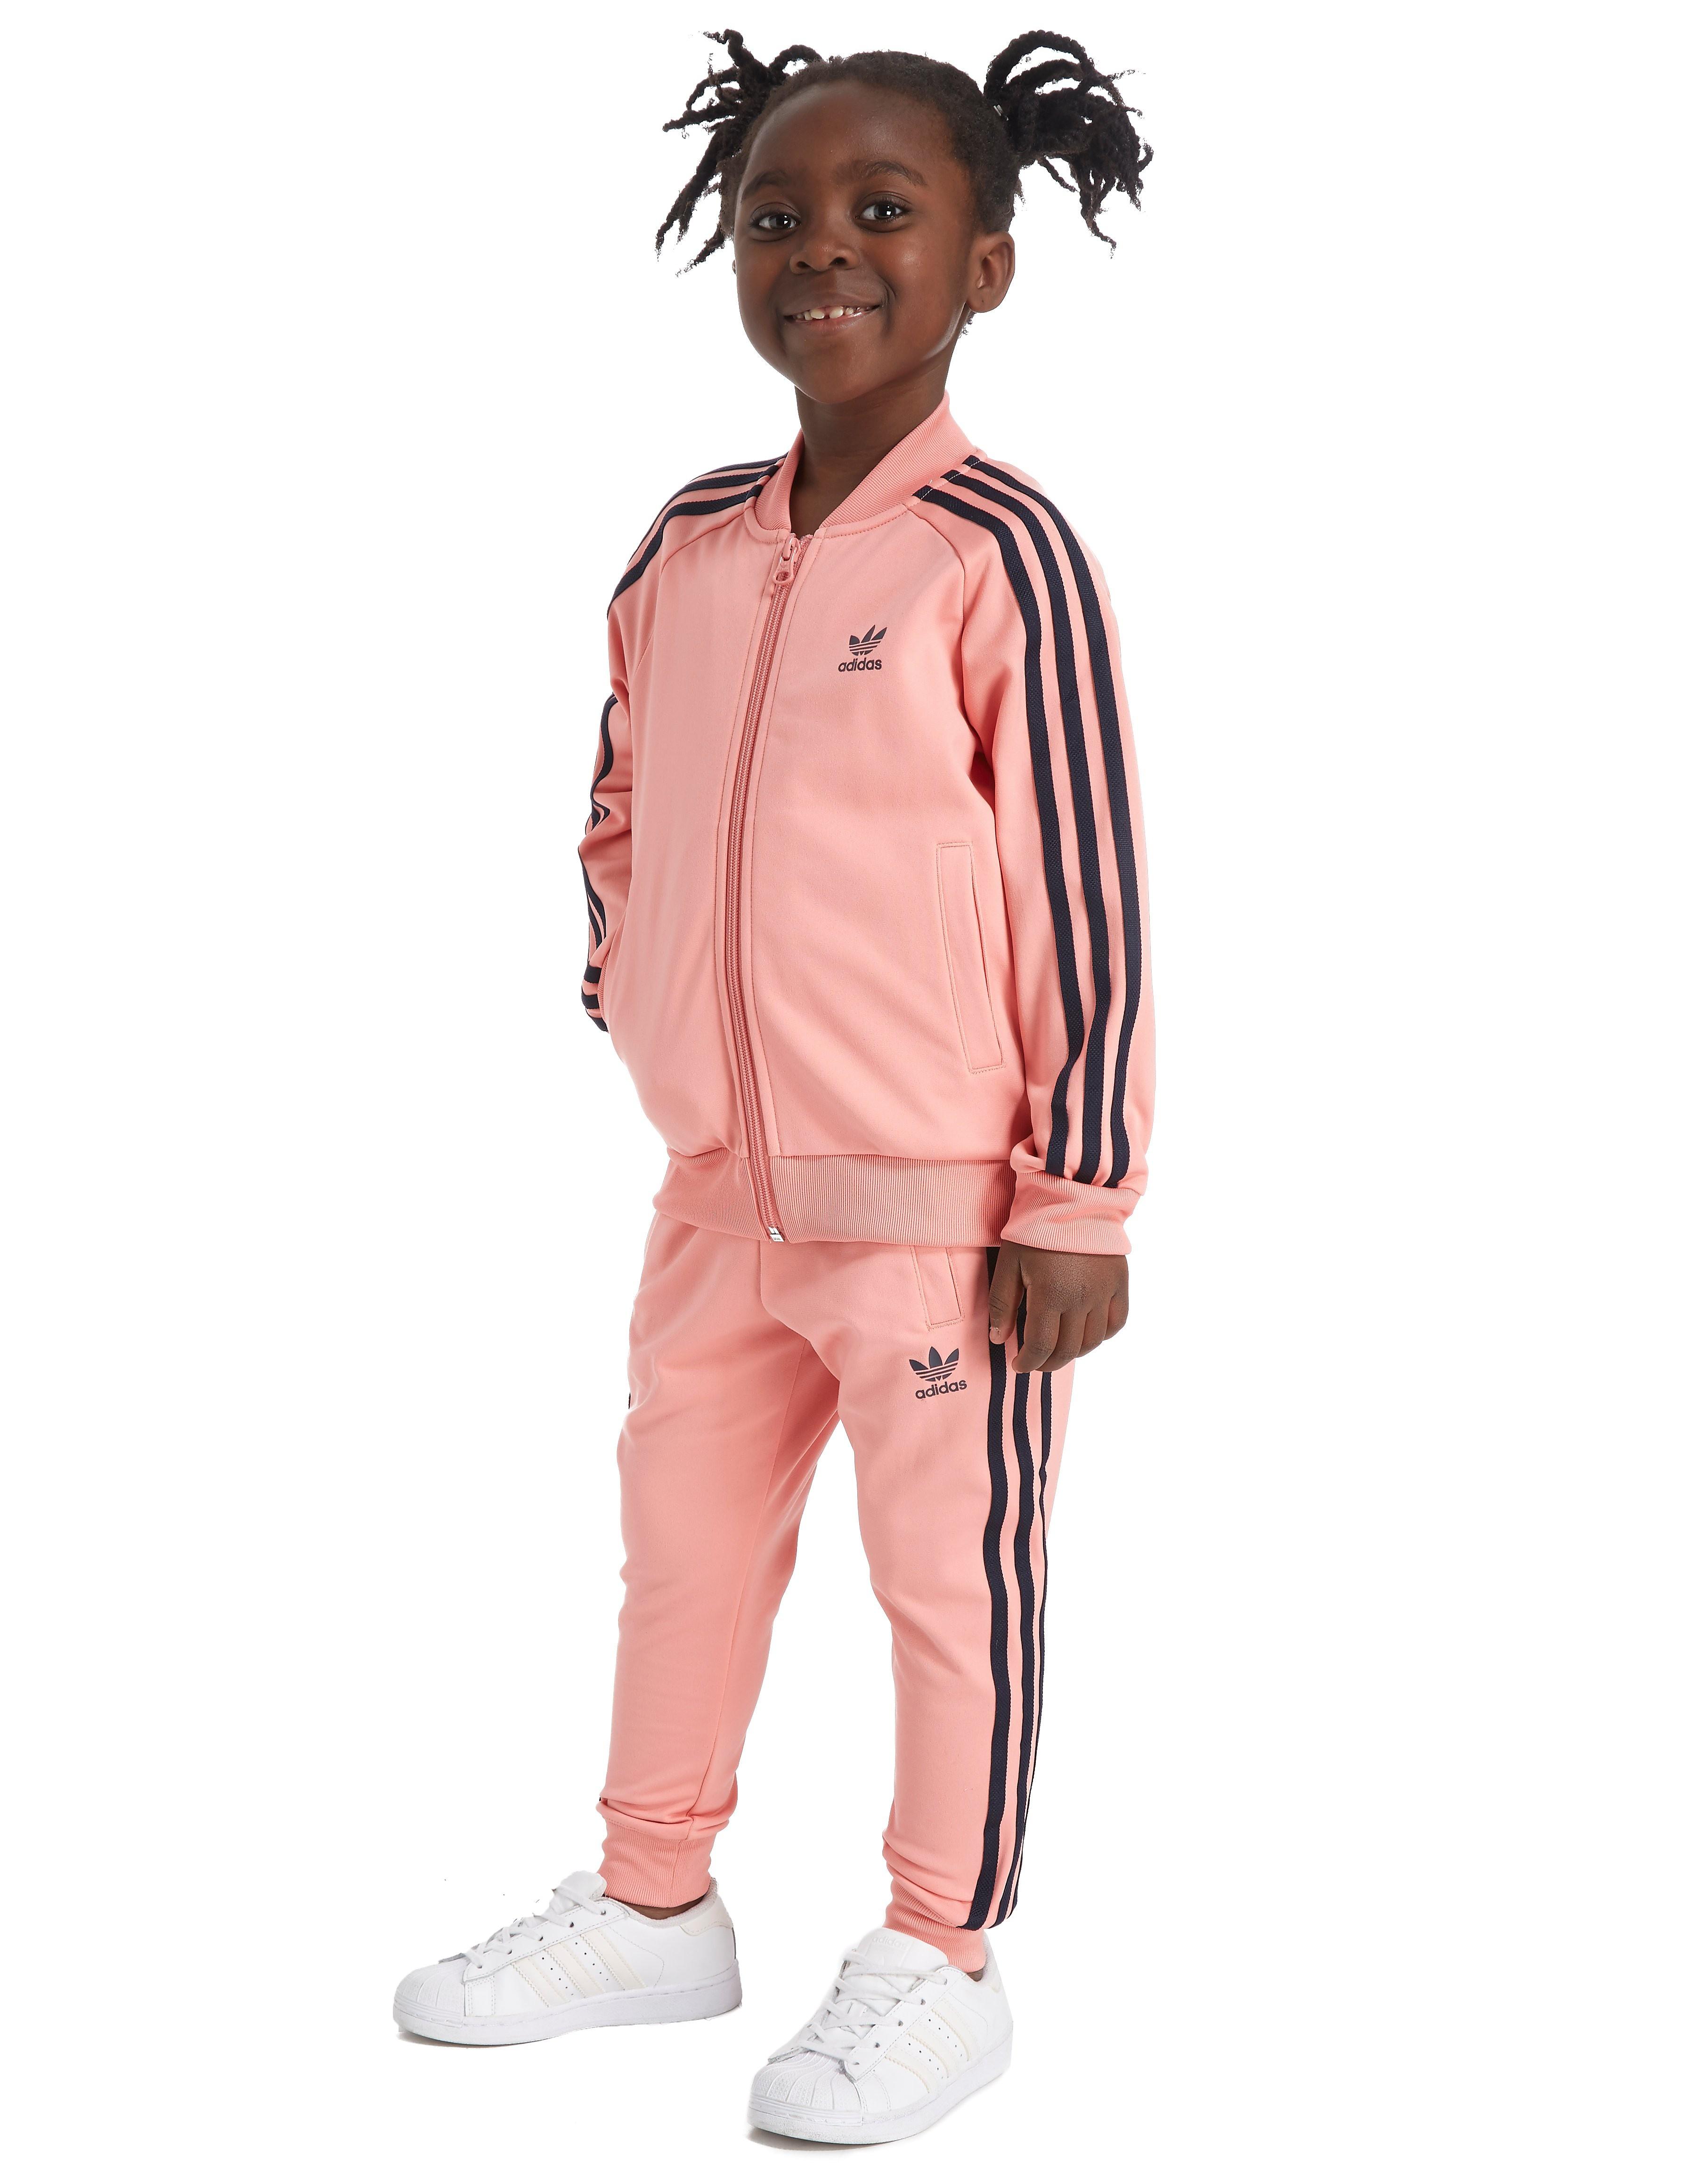 adidas Originals Girls' Superstar Tracksuit Children